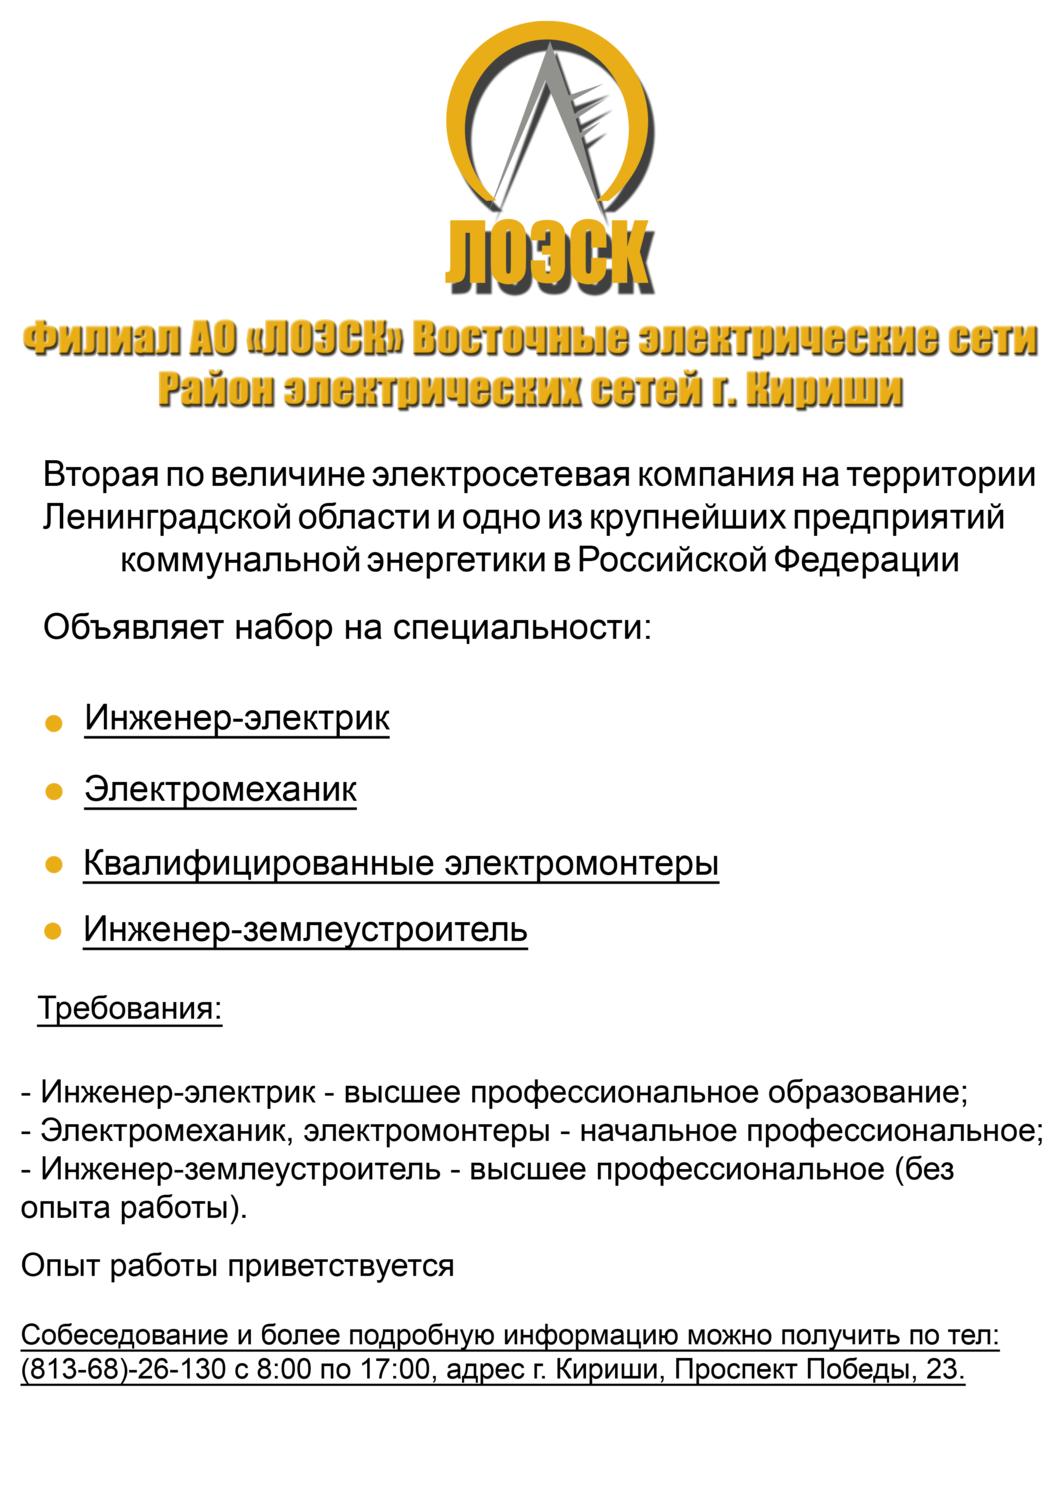 Должностная инструкция ремонтника комплекса гсм 846vorota.ru